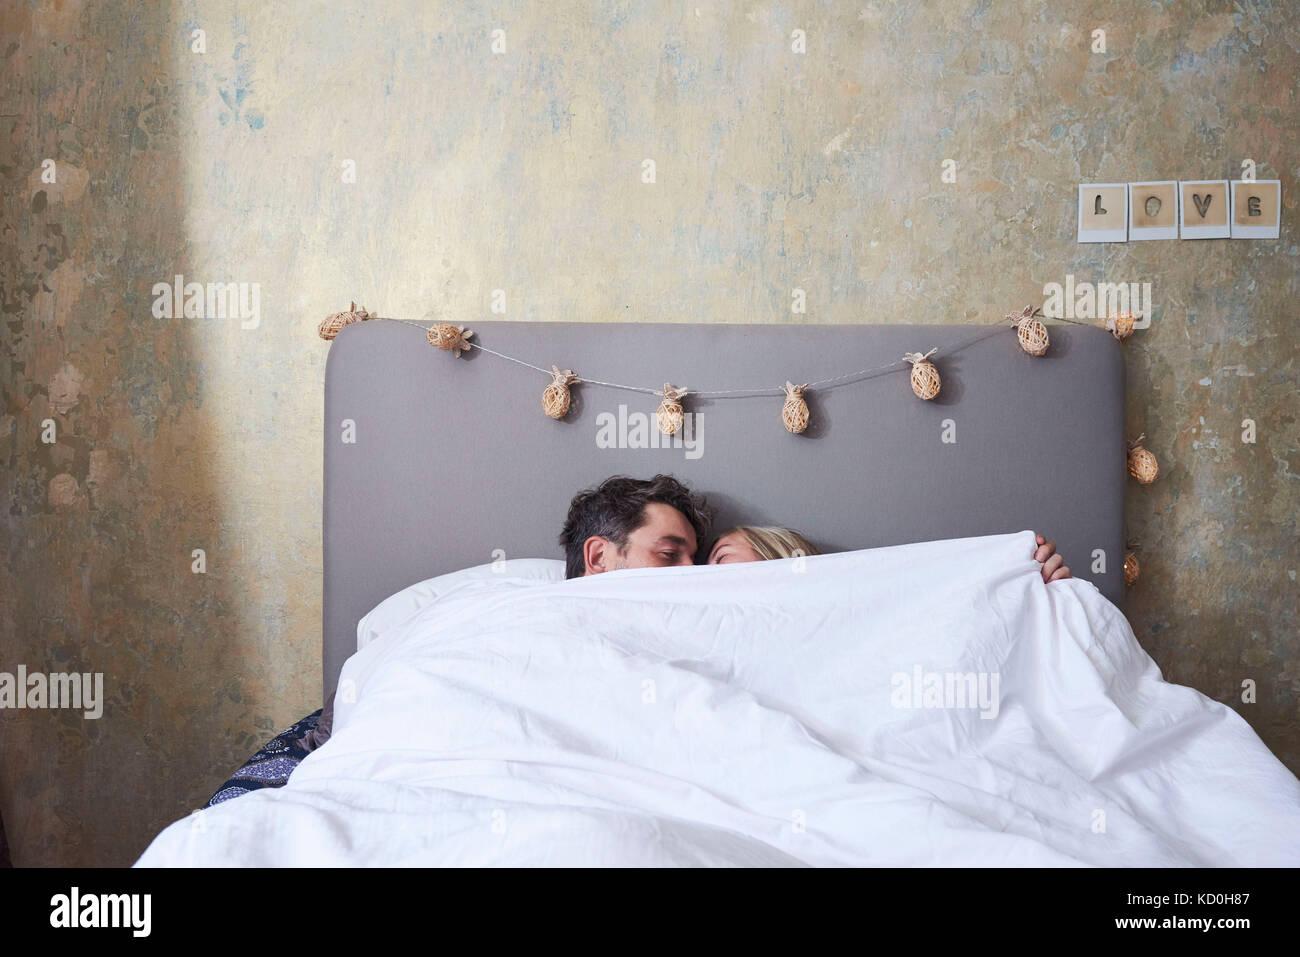 amusement photos amusement images alamy. Black Bedroom Furniture Sets. Home Design Ideas